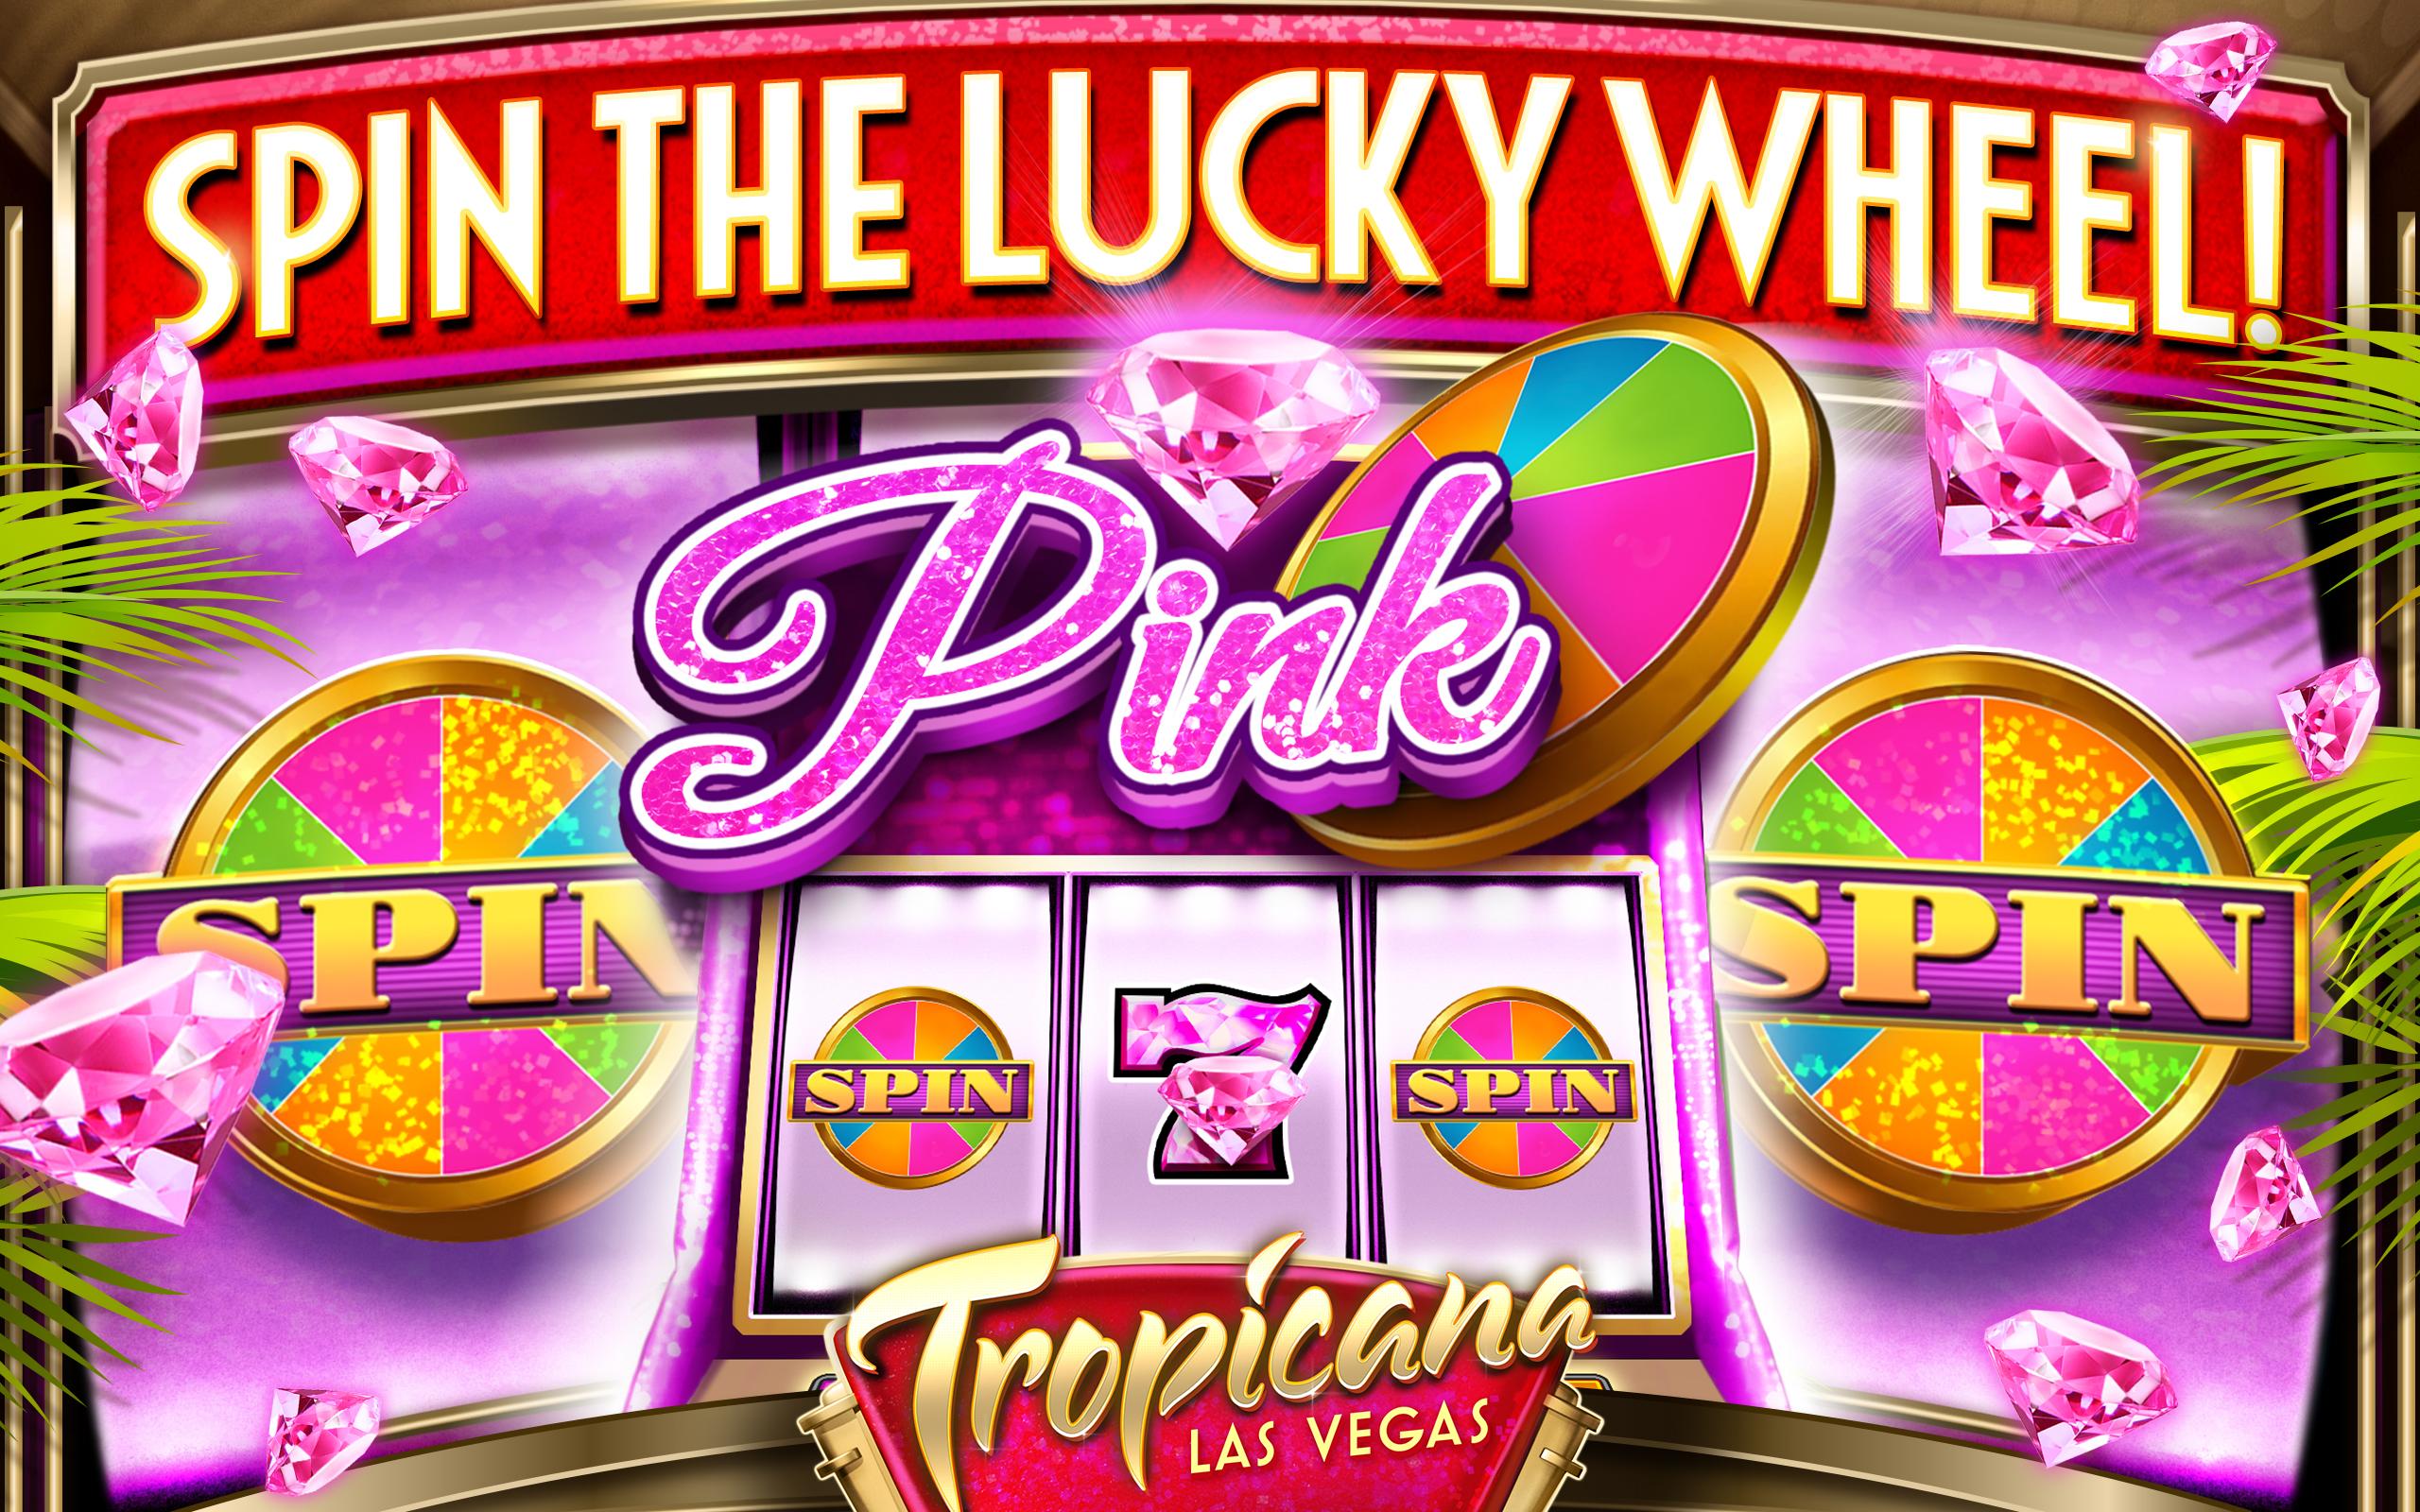 Las Vegas Casino Slot Machines